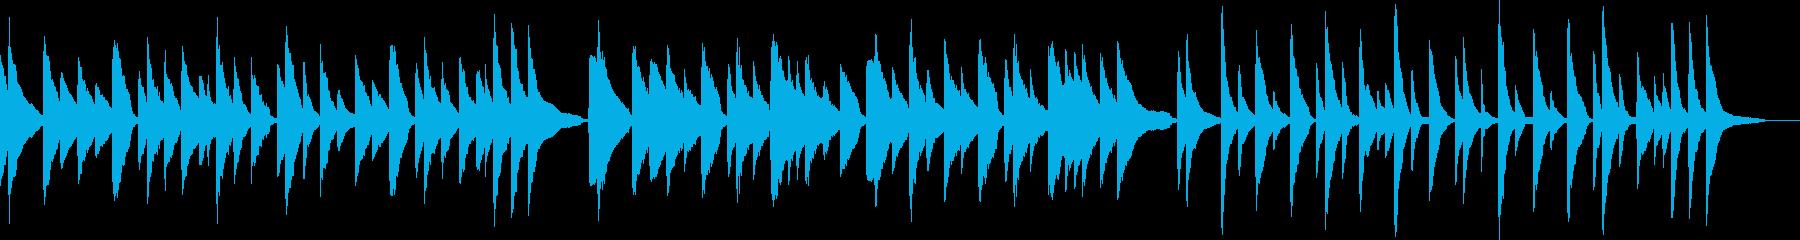 ピアノ 悲しい終わり・悲しいエンドロールの再生済みの波形